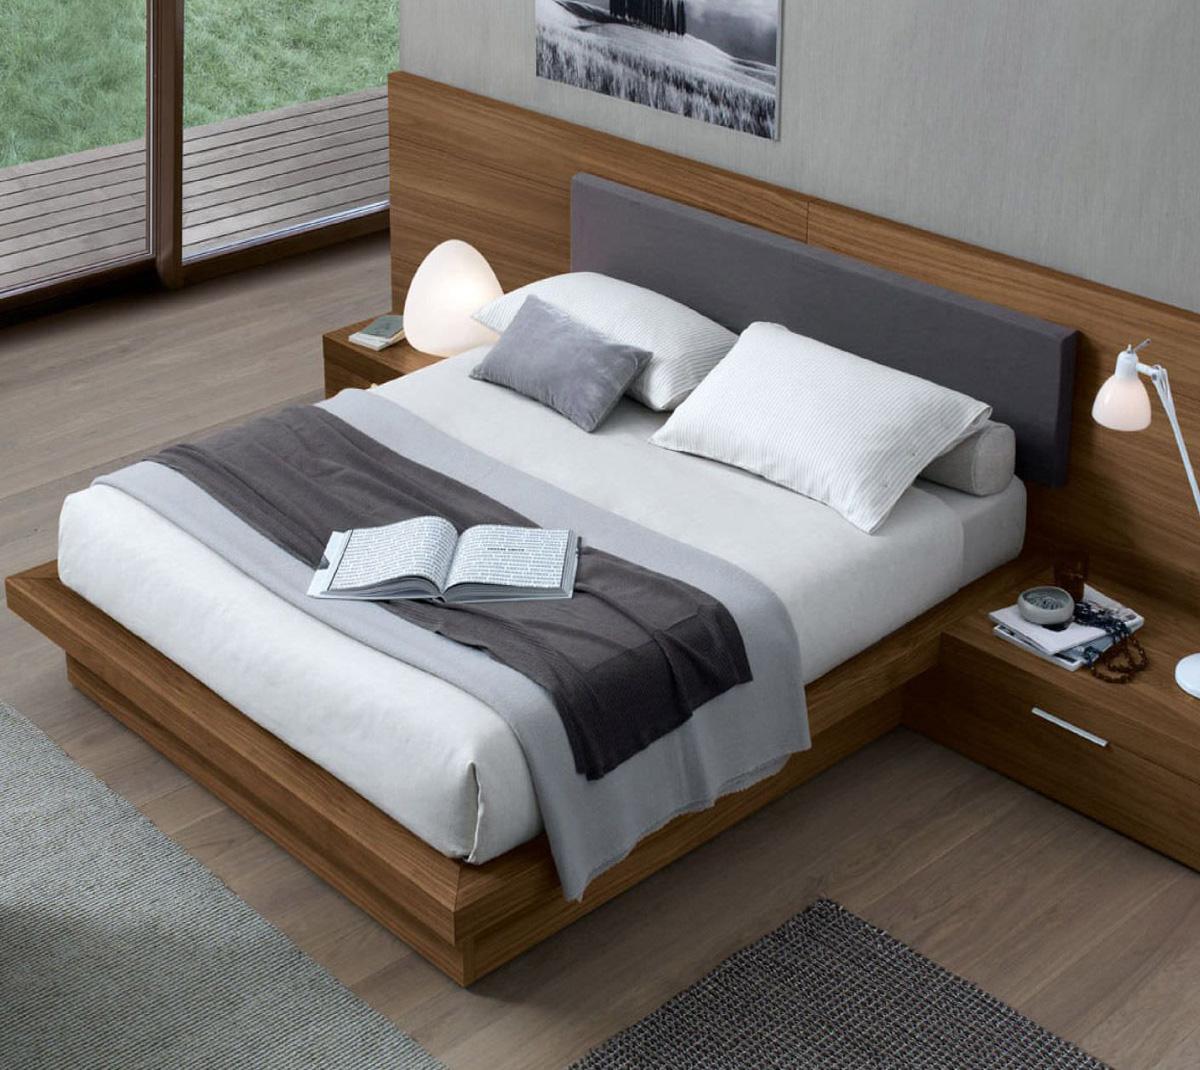 Bedrooms: Zen